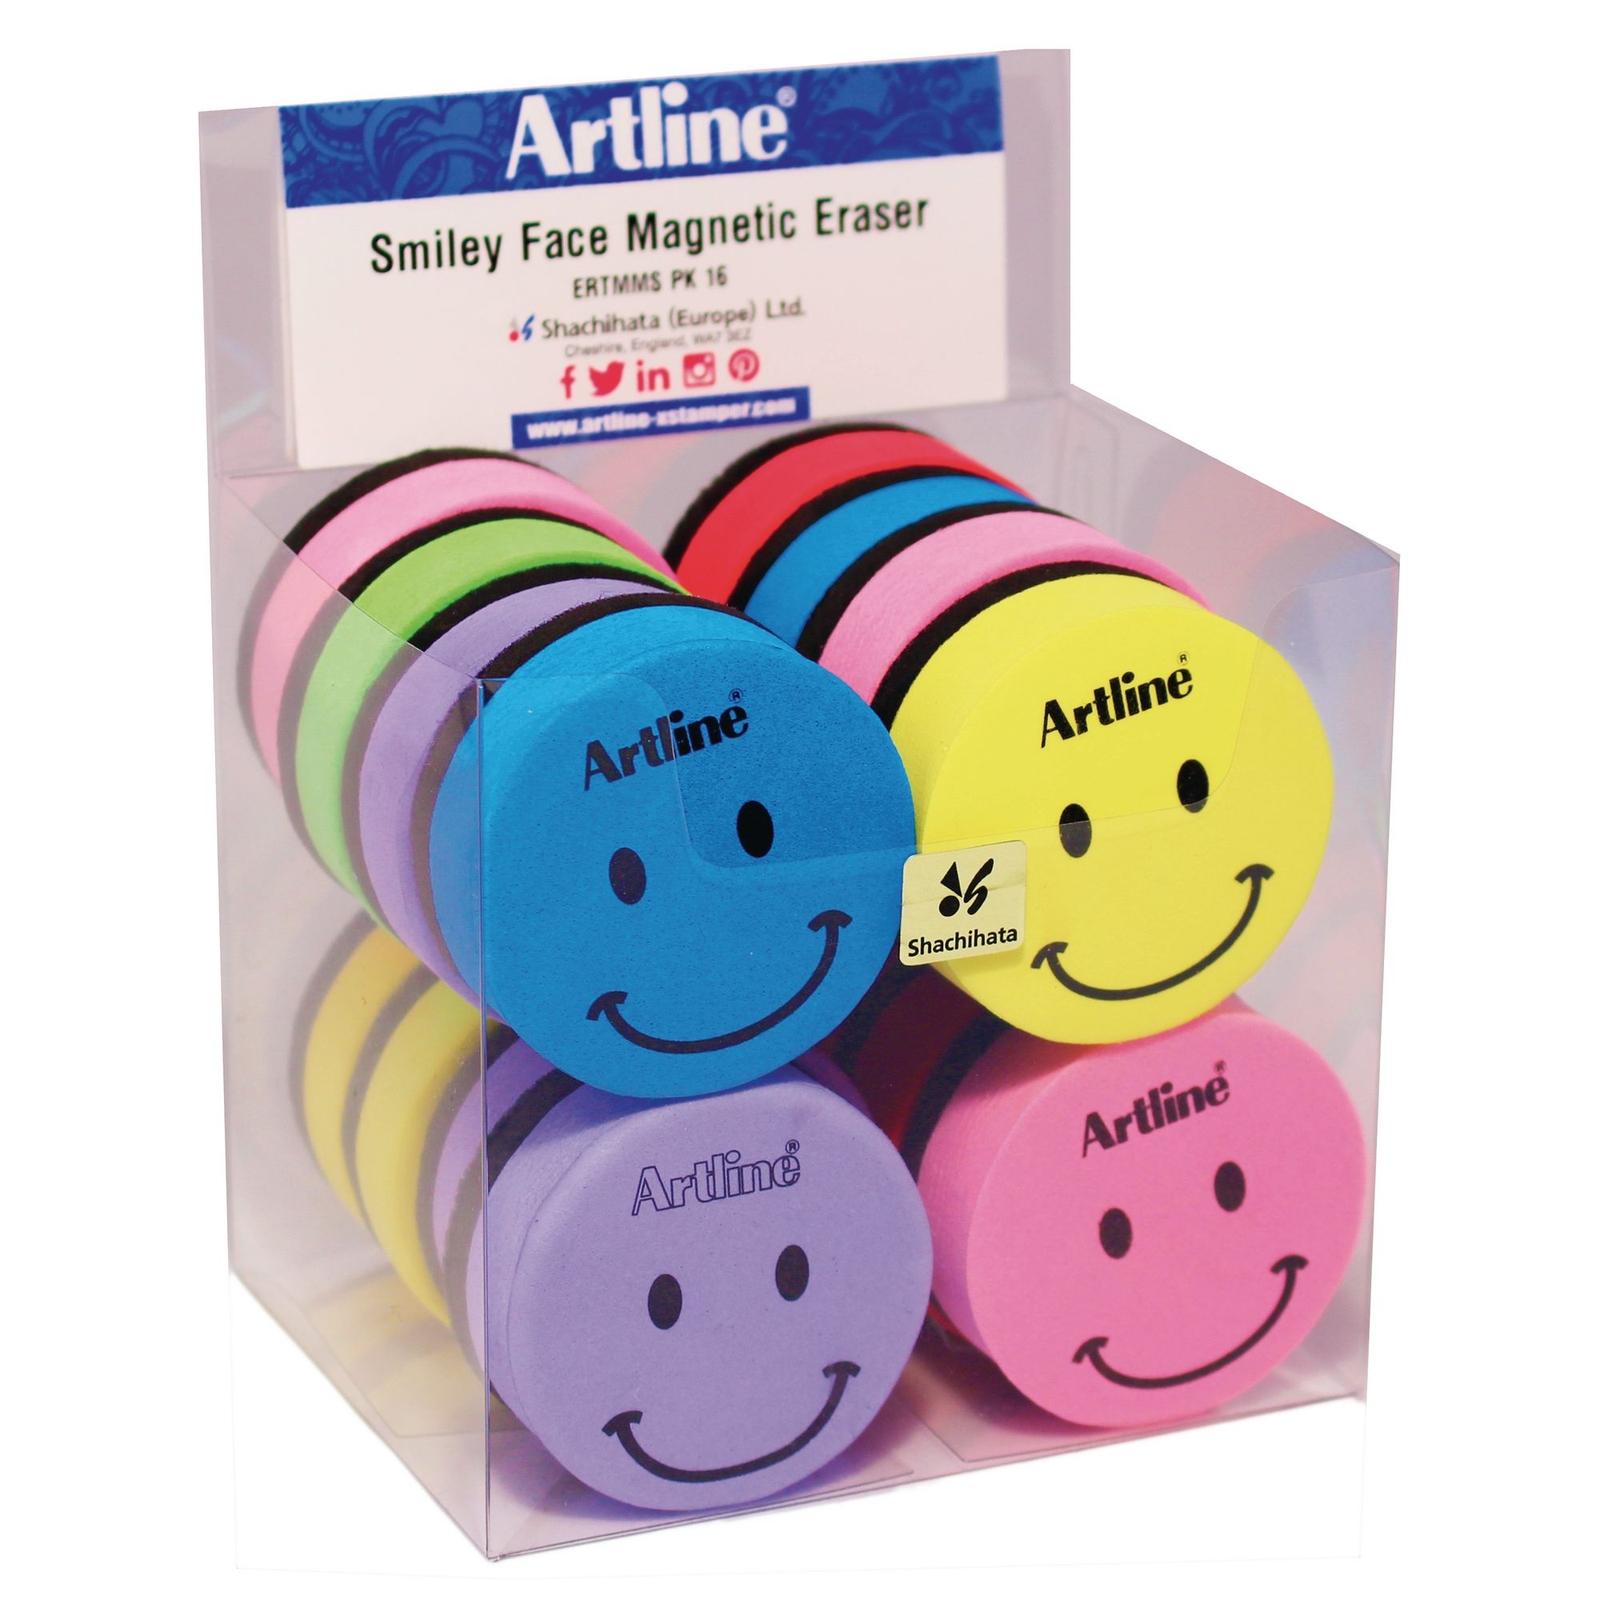 Grooved Artline Smiley Face Magnetic Board EraserAssorted - Pack of 16